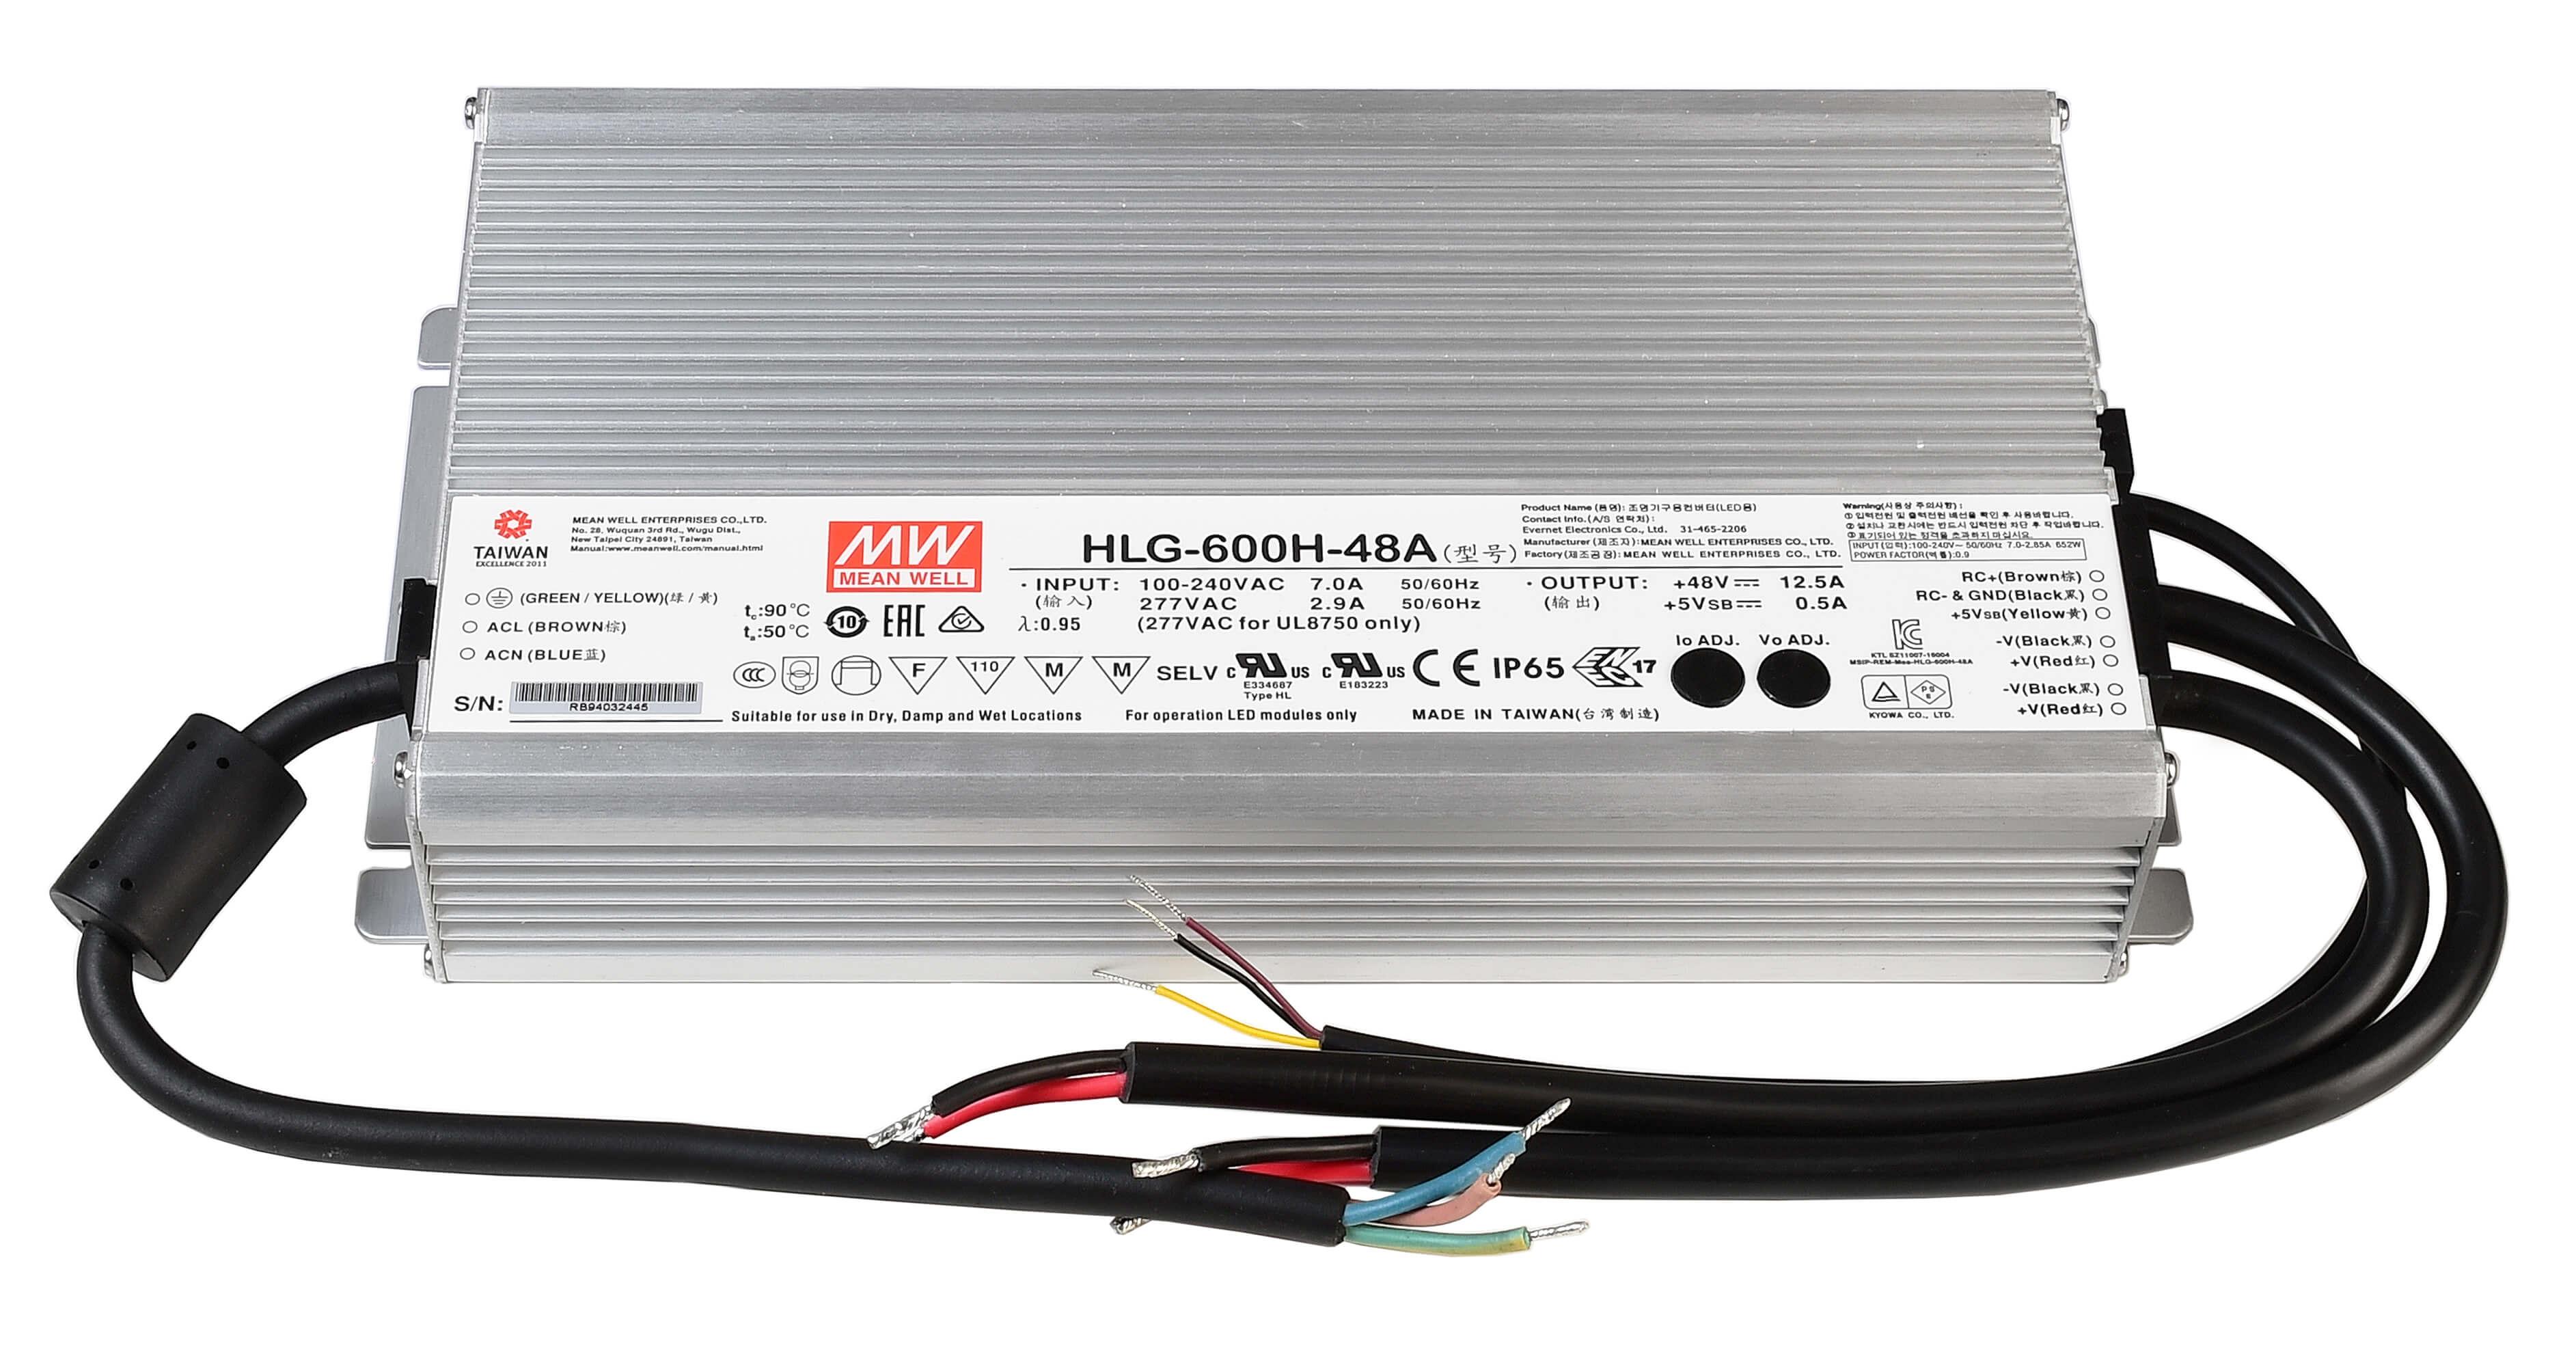 CV. HLG-600H-48A